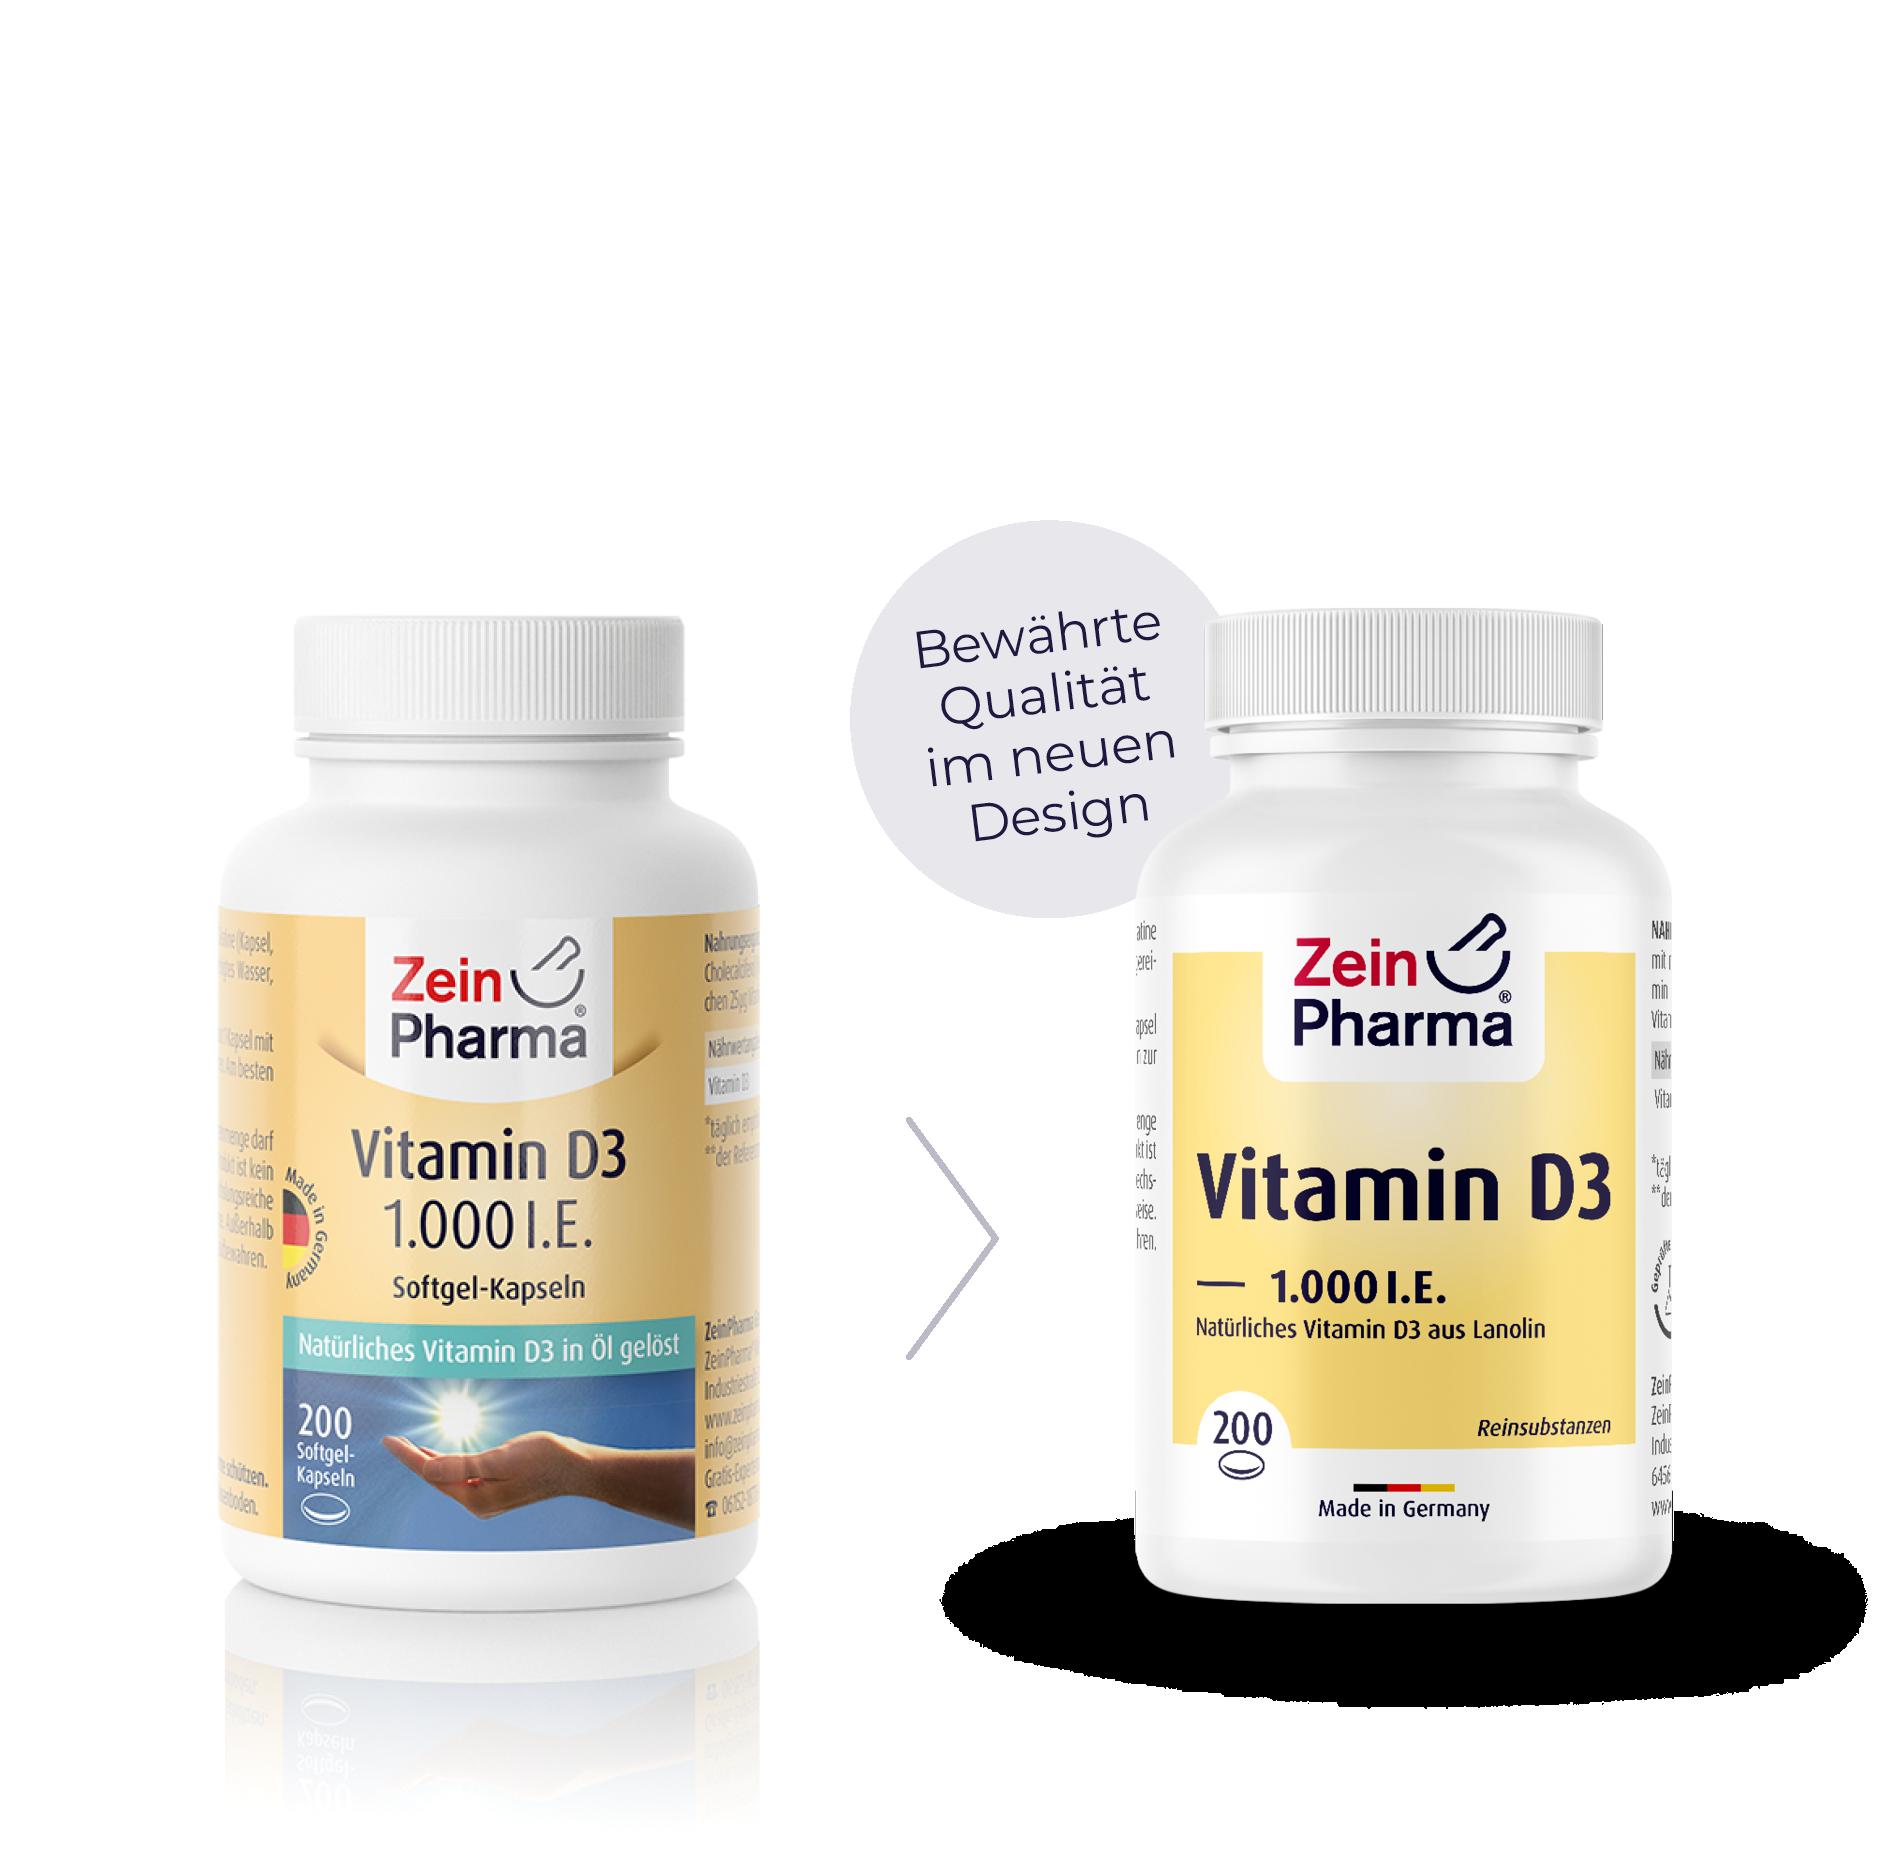 Vitamin D3 1.000 I.E. Softgel-Kapseln